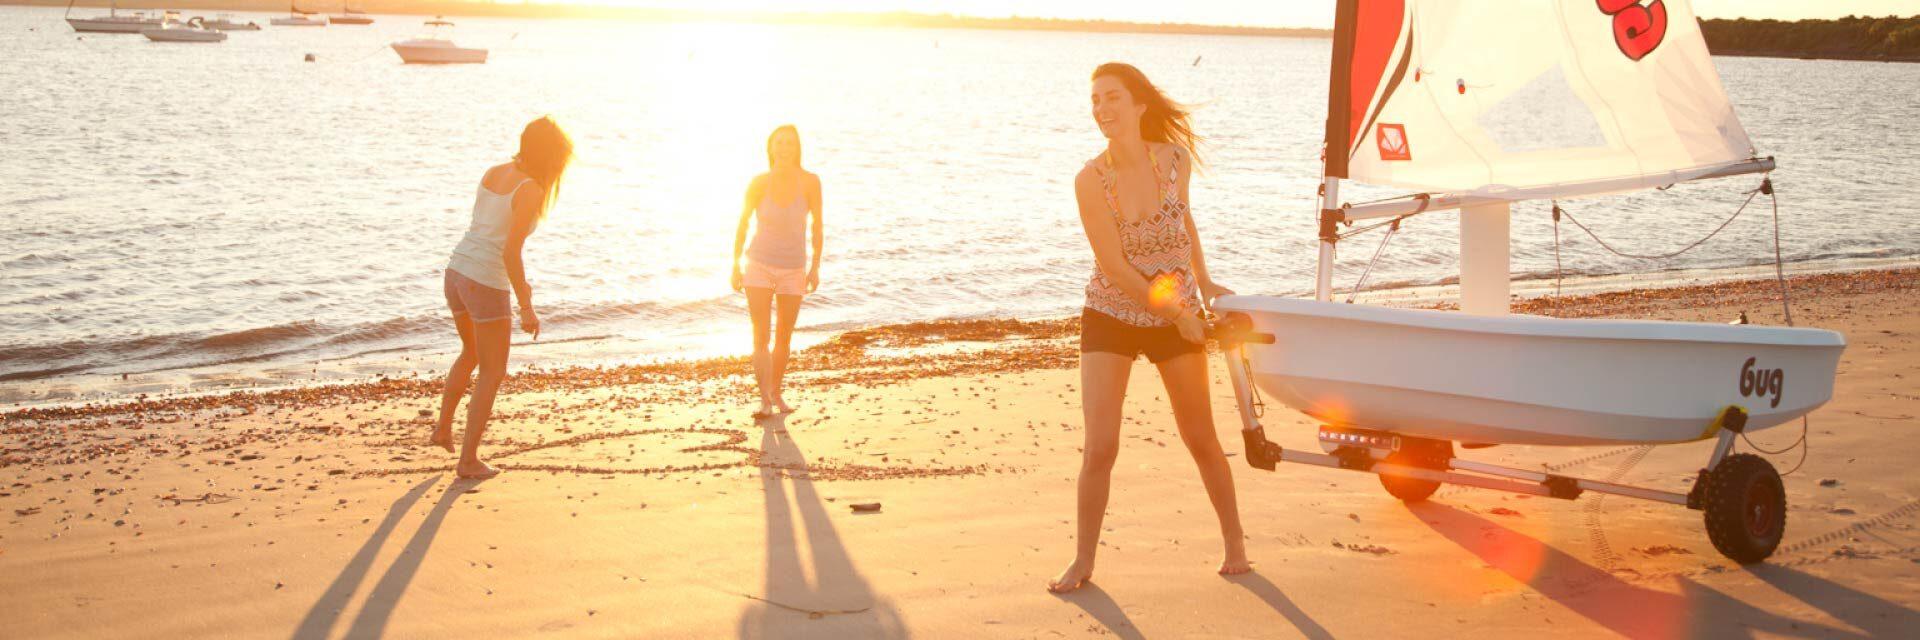 Sonneuntergang am Strand nach dem Segeln